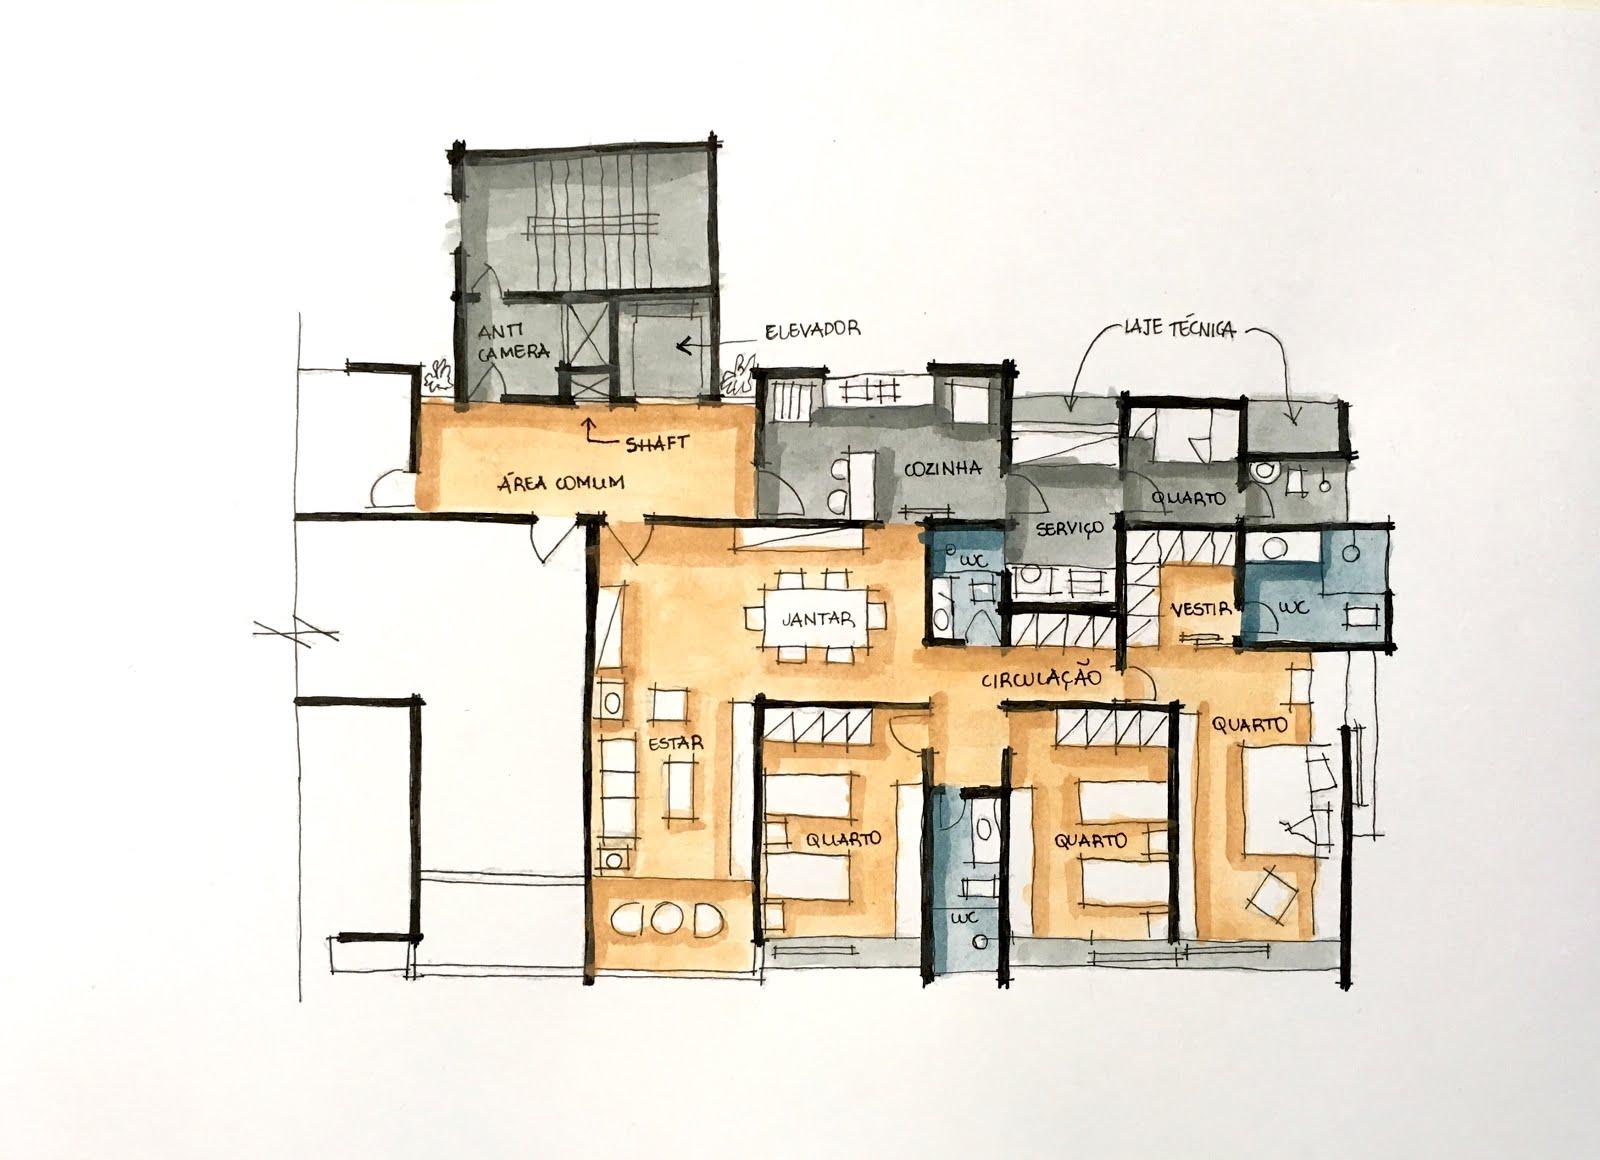 Extremamente Desenho à Mão Livre Aplicado à Arquitetura - Desenhos dos alunos  JG03